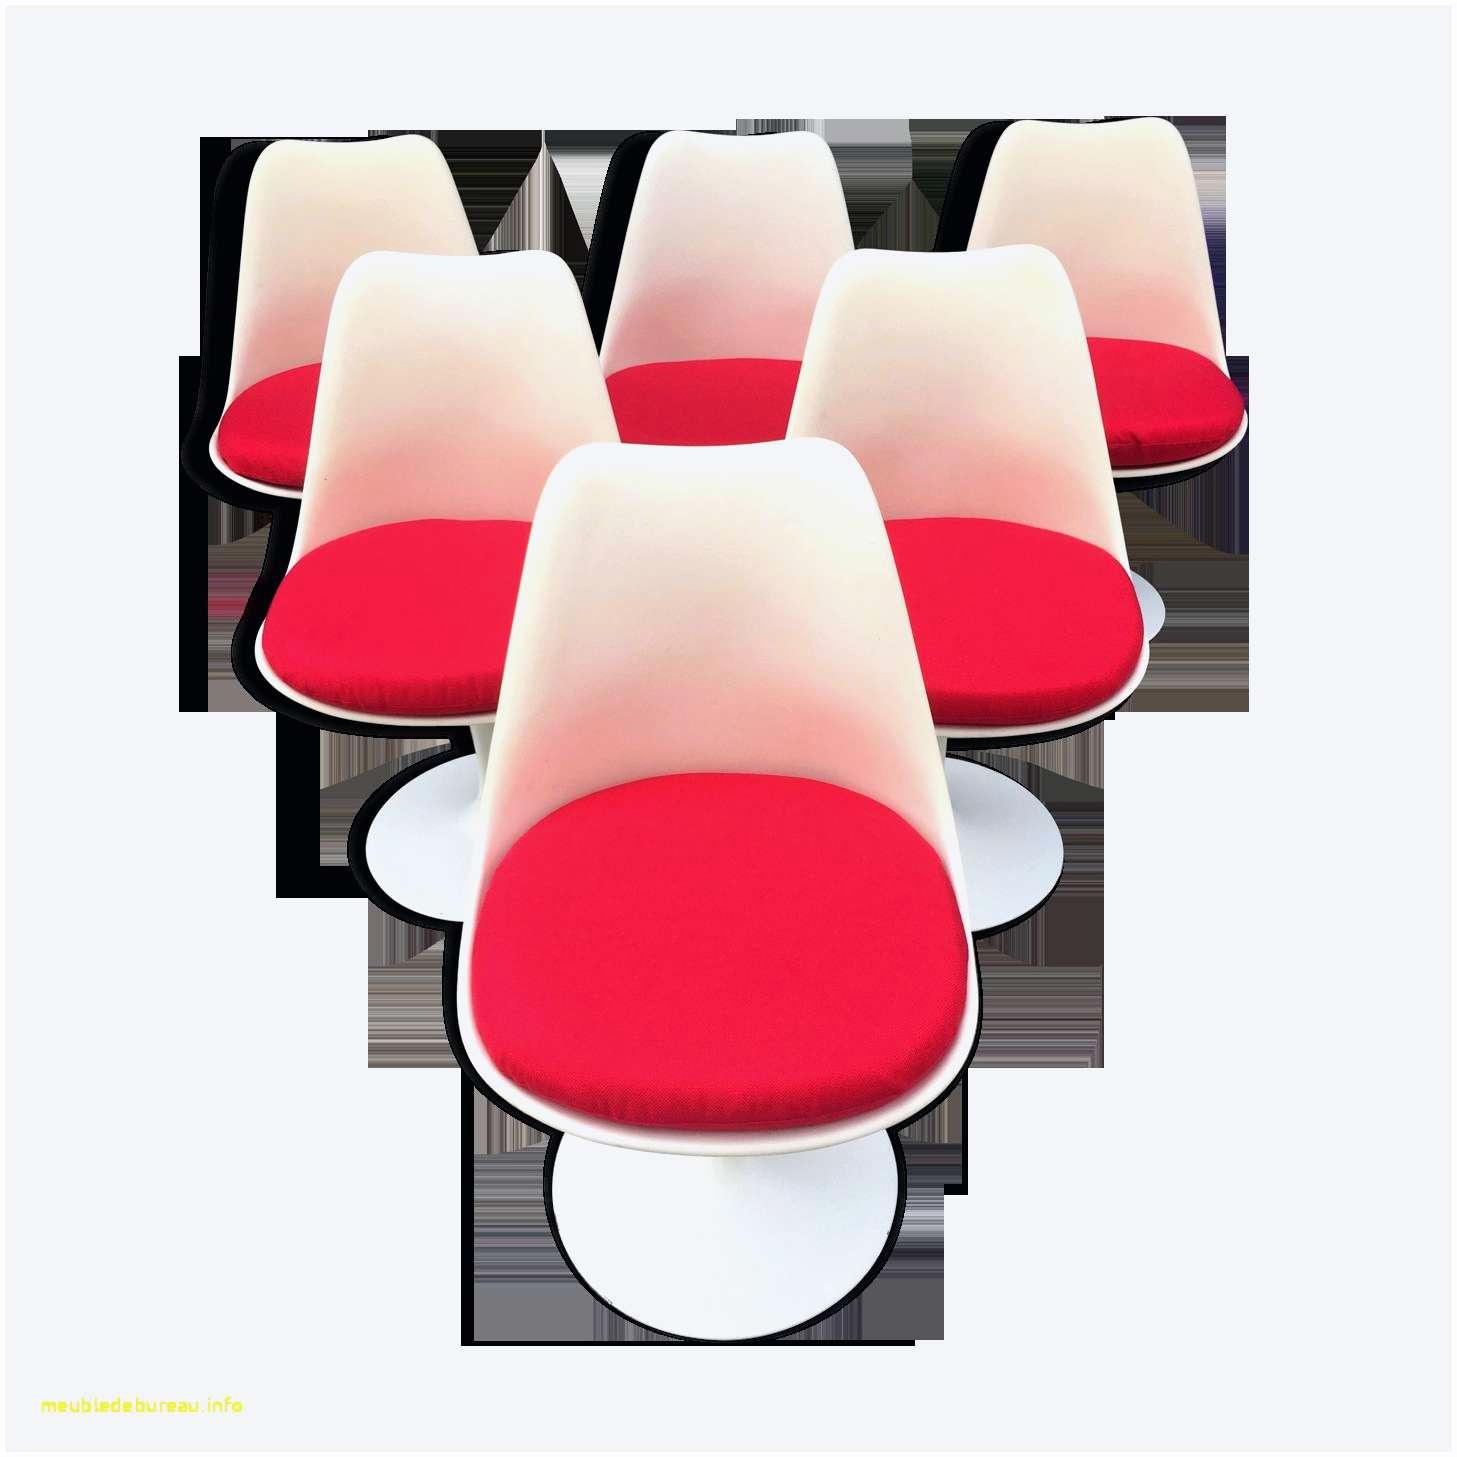 chaise tolix le bon coin nouveau unique chaise haute le bon coin elegant chaise haute chaise haute 0d of chaise tolix le bon coin